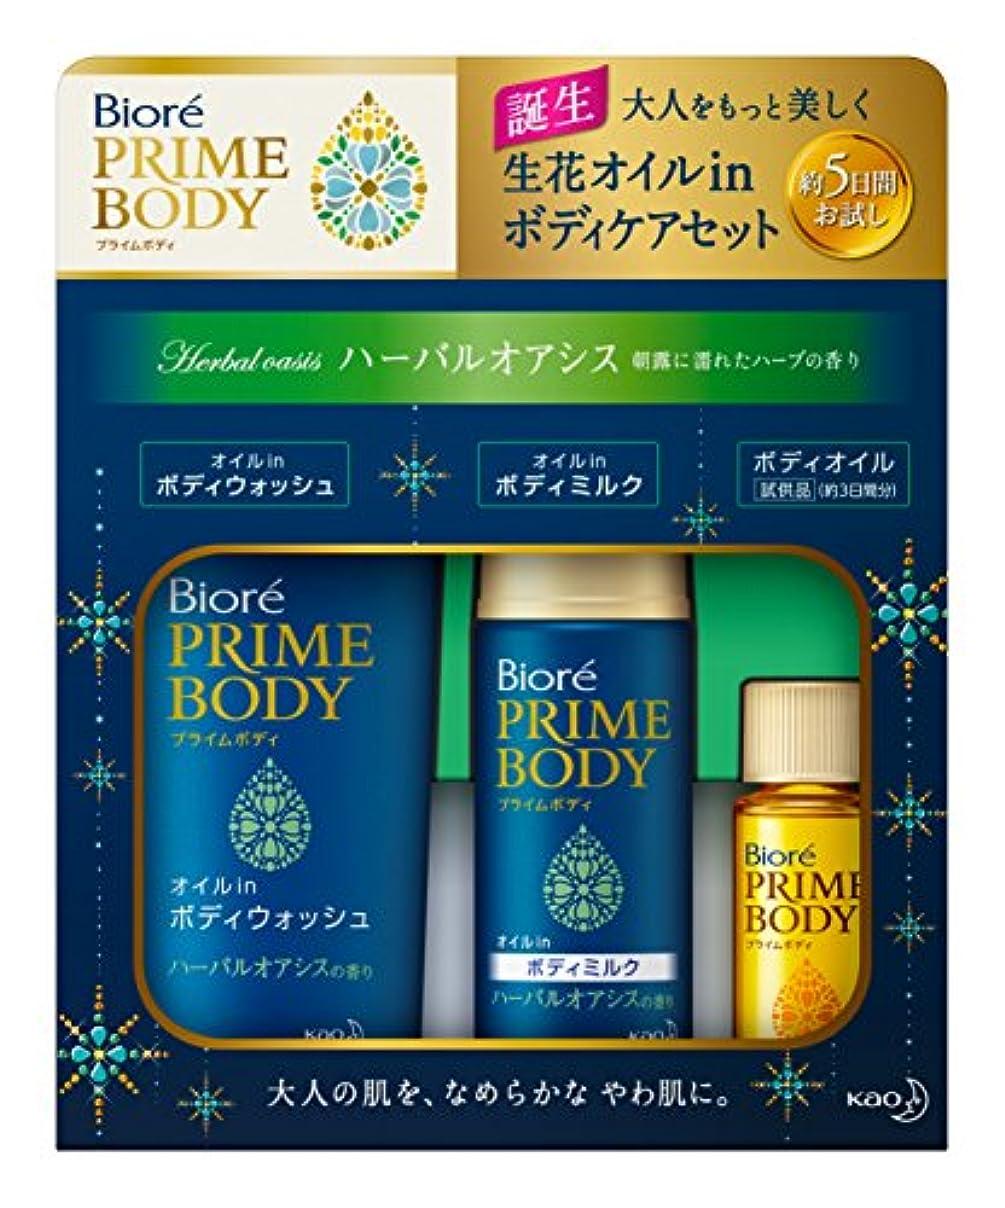 ビオレ プライムボディ 5日間お試しセット ハーバルオアシスの香り 83ml